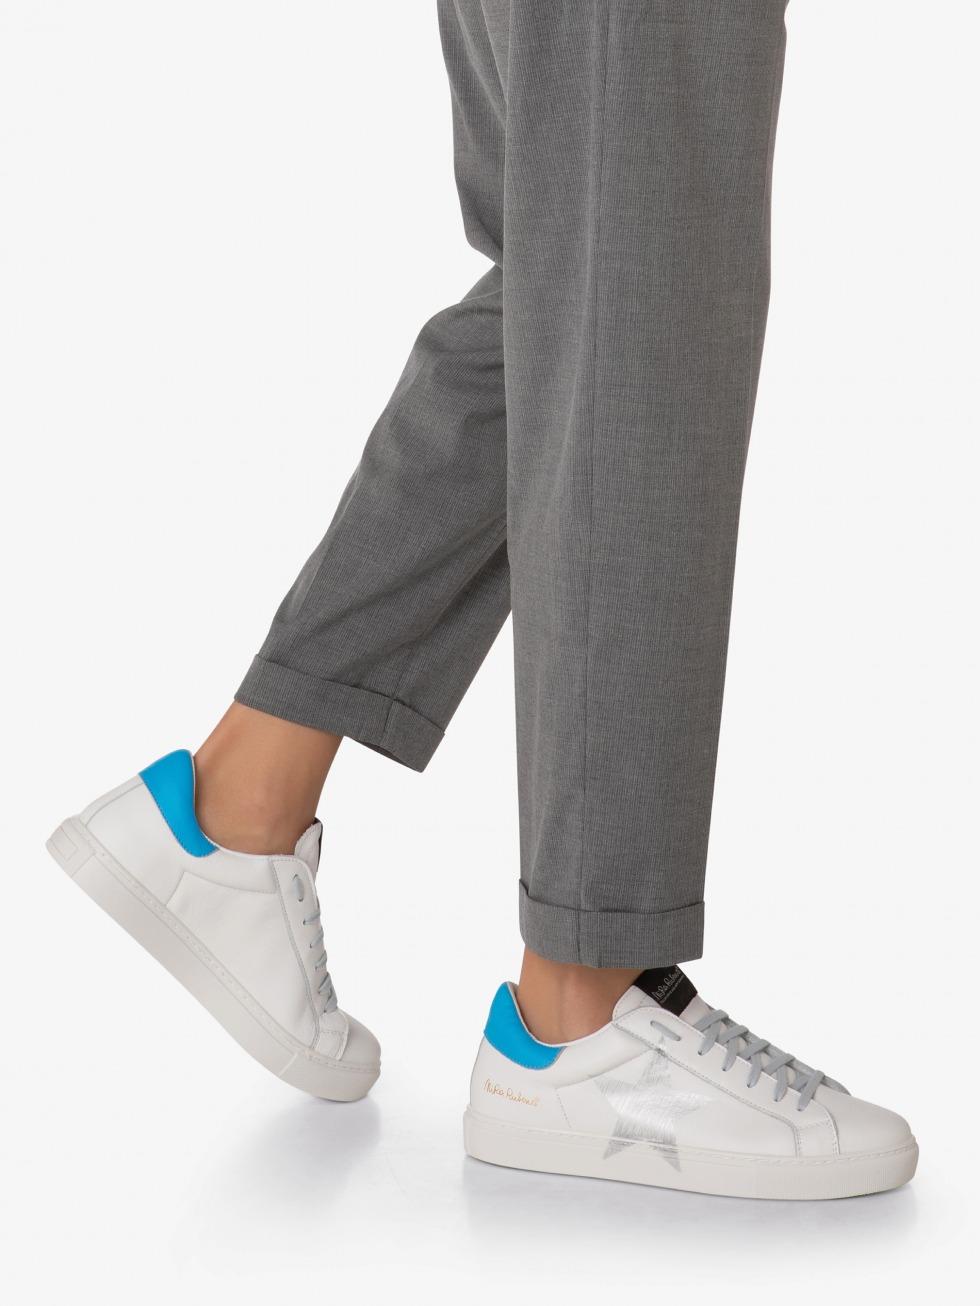 Martini M Sneakers - Star Scuba